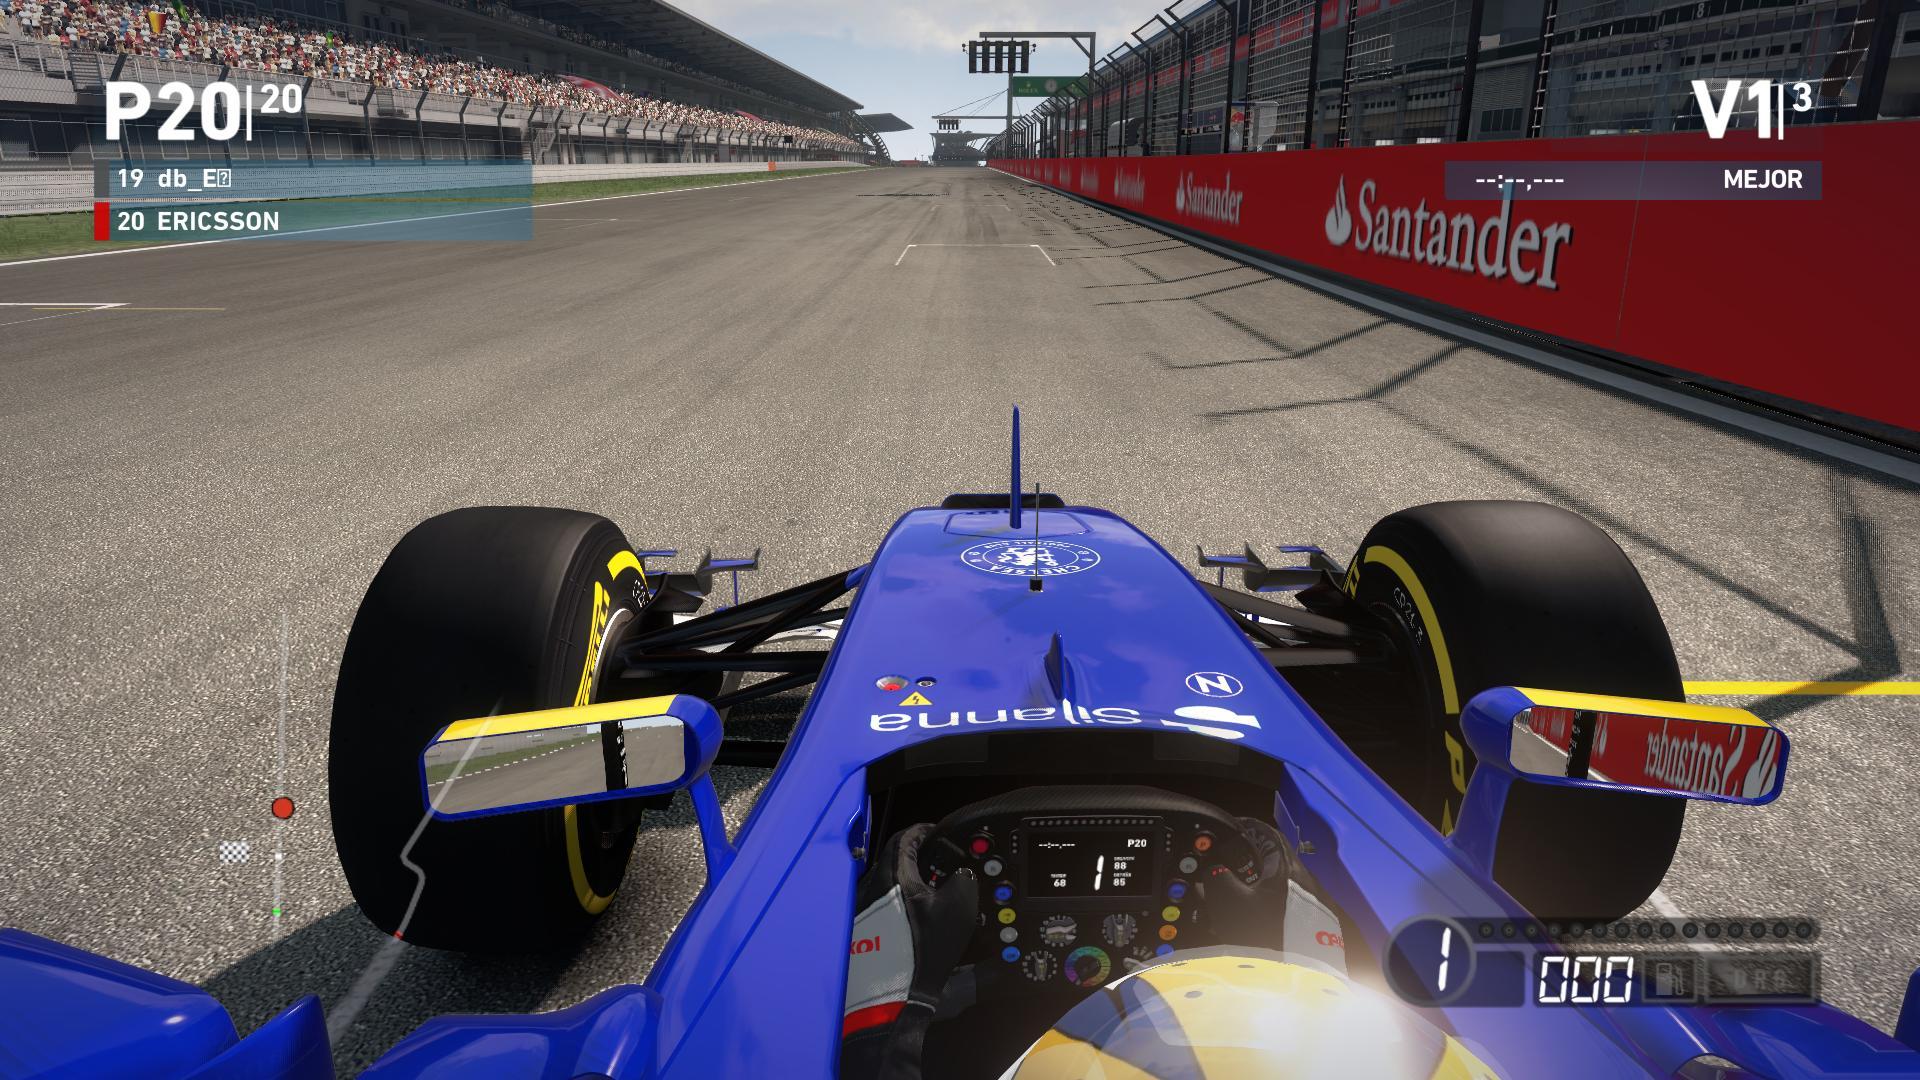 F1_2015 2015-04-29 17-23-16-92.jpg